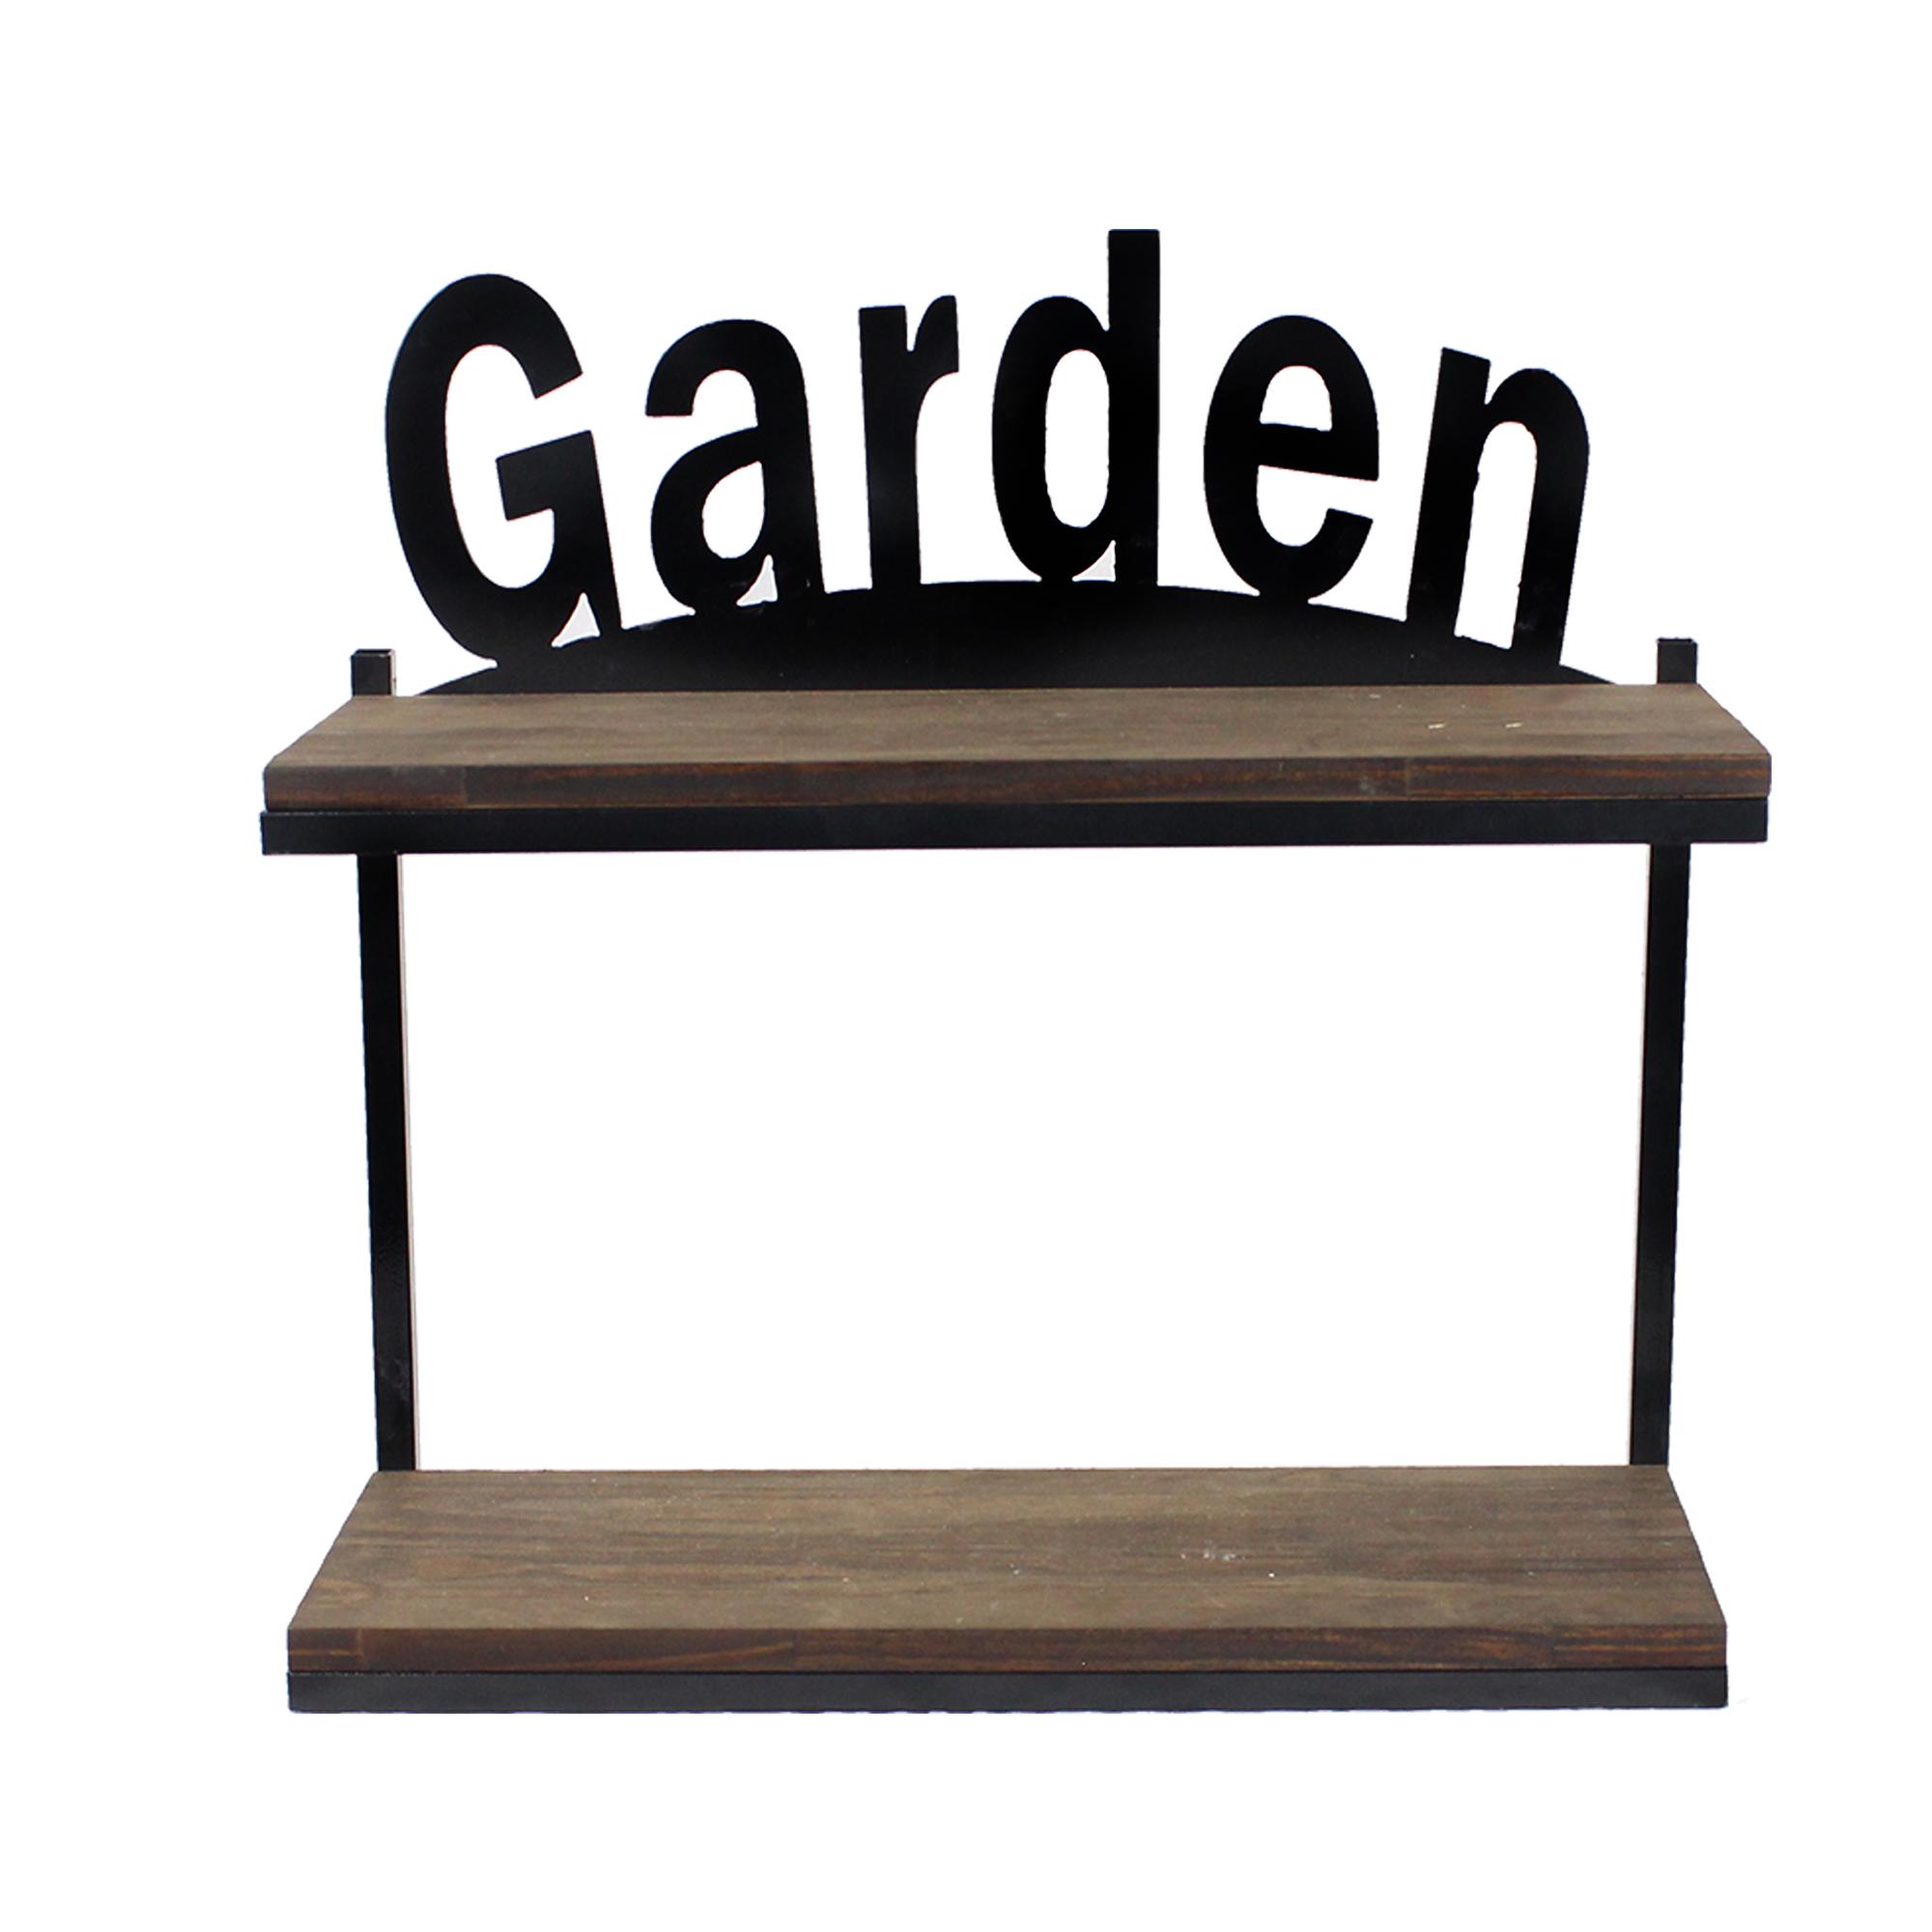 Prateleira Garden